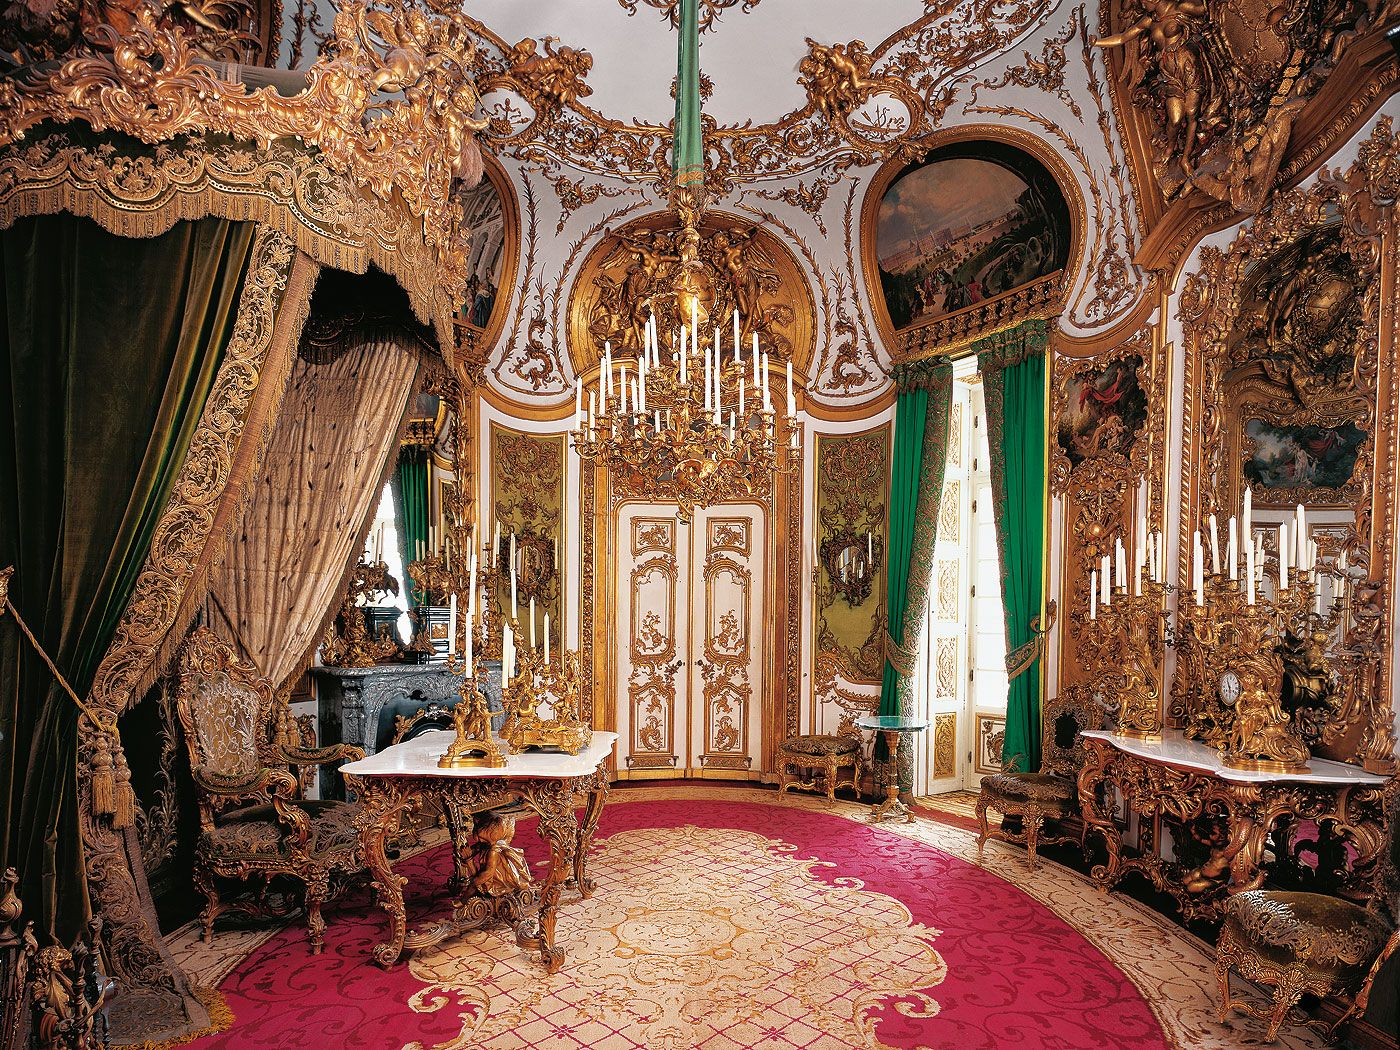 Bavarian Palace Department Linderhof Palace And Park Palace History Linderhof Palace Castles Interior Palace Interior